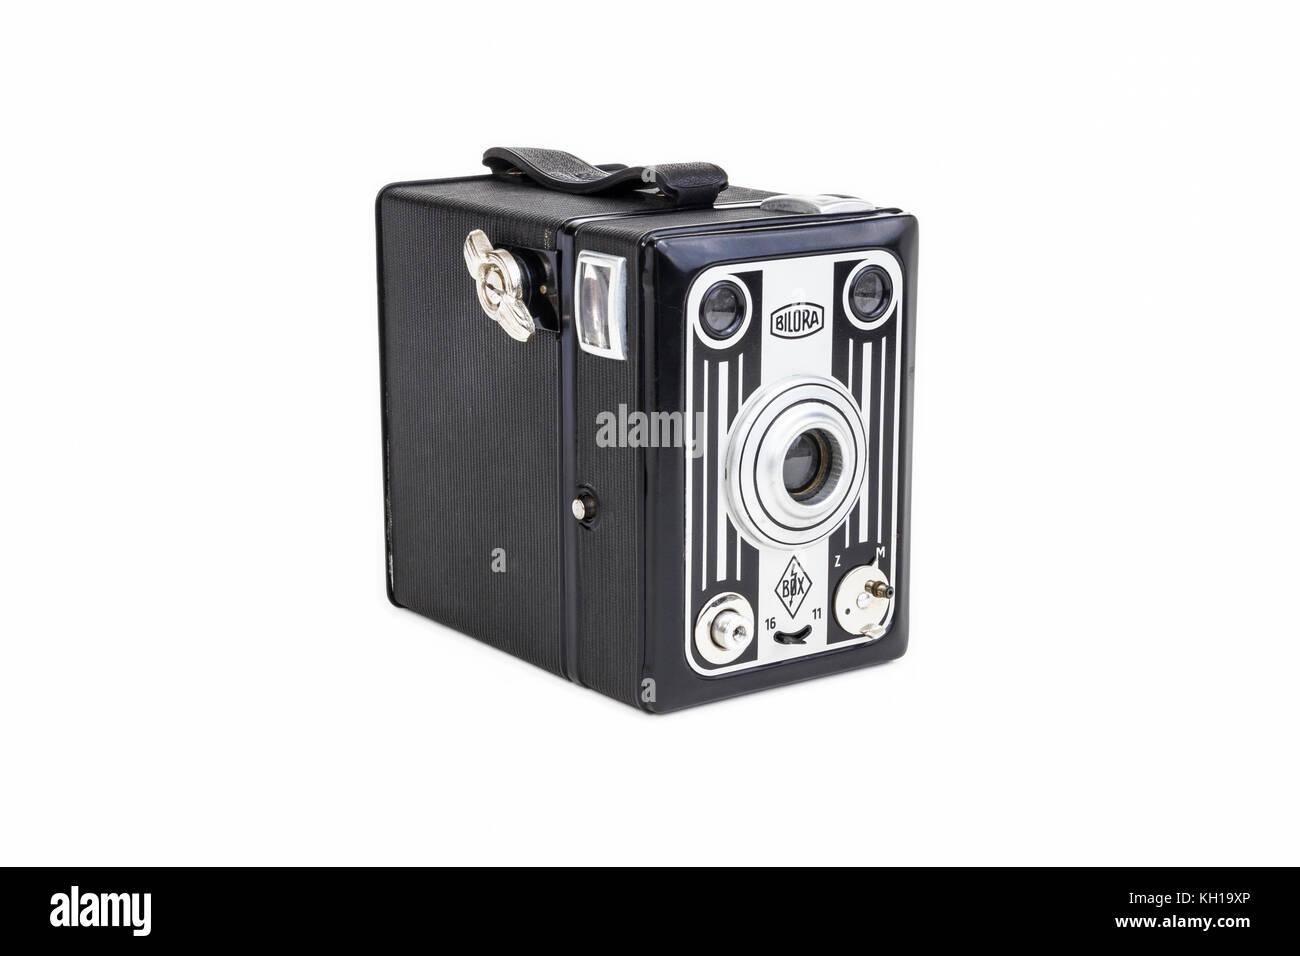 Bilora Blitz 120 cuadro de película de la cámara, fabricado por ...